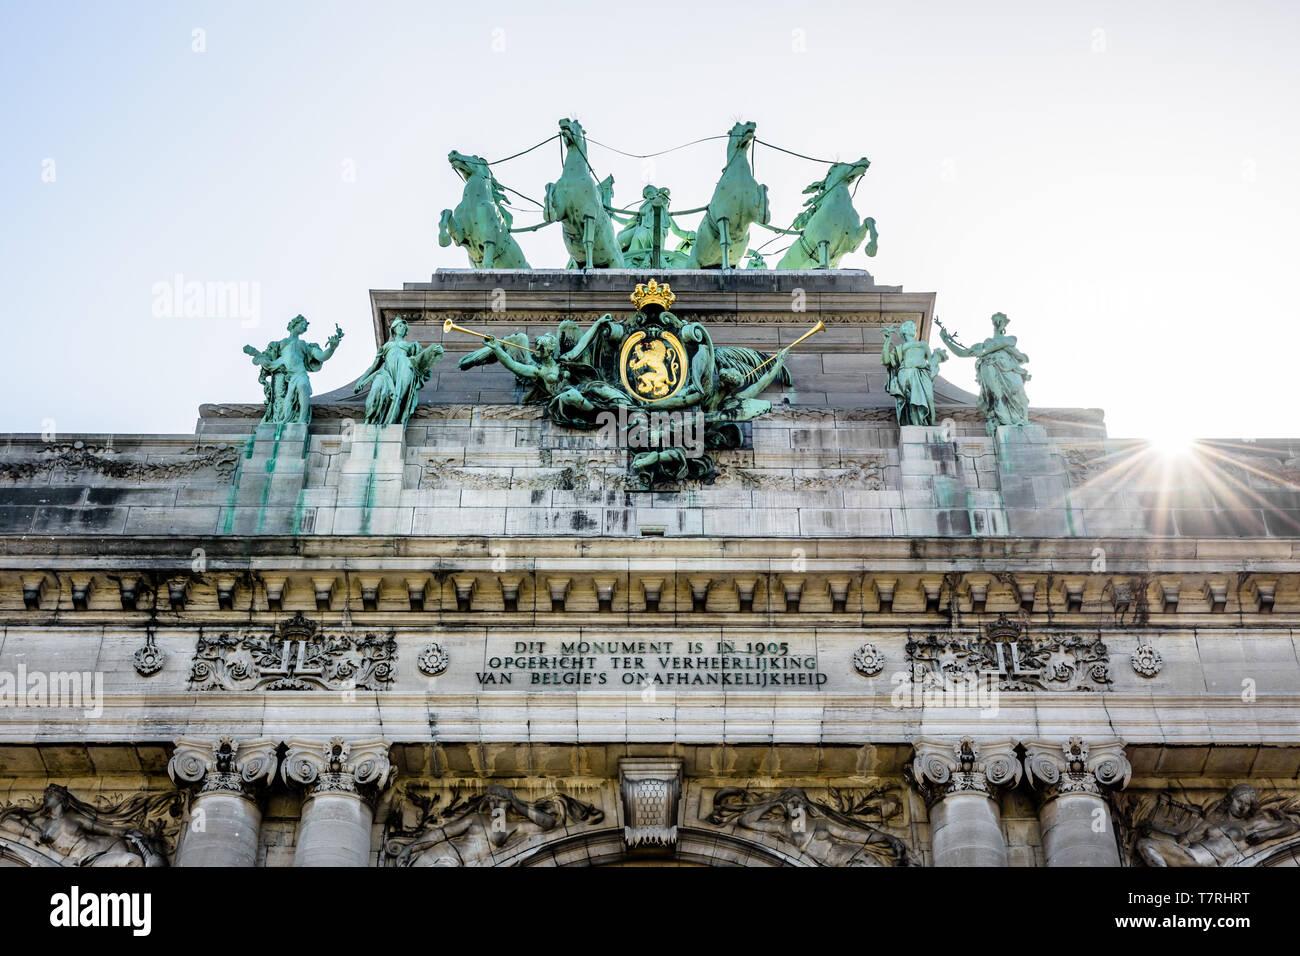 Close-up view of the quadriga atop the arcade du Cinquantenaire, the triumphal arch in the Cinquantenaire park in Brussels, Belgium, against the light - Stock Image